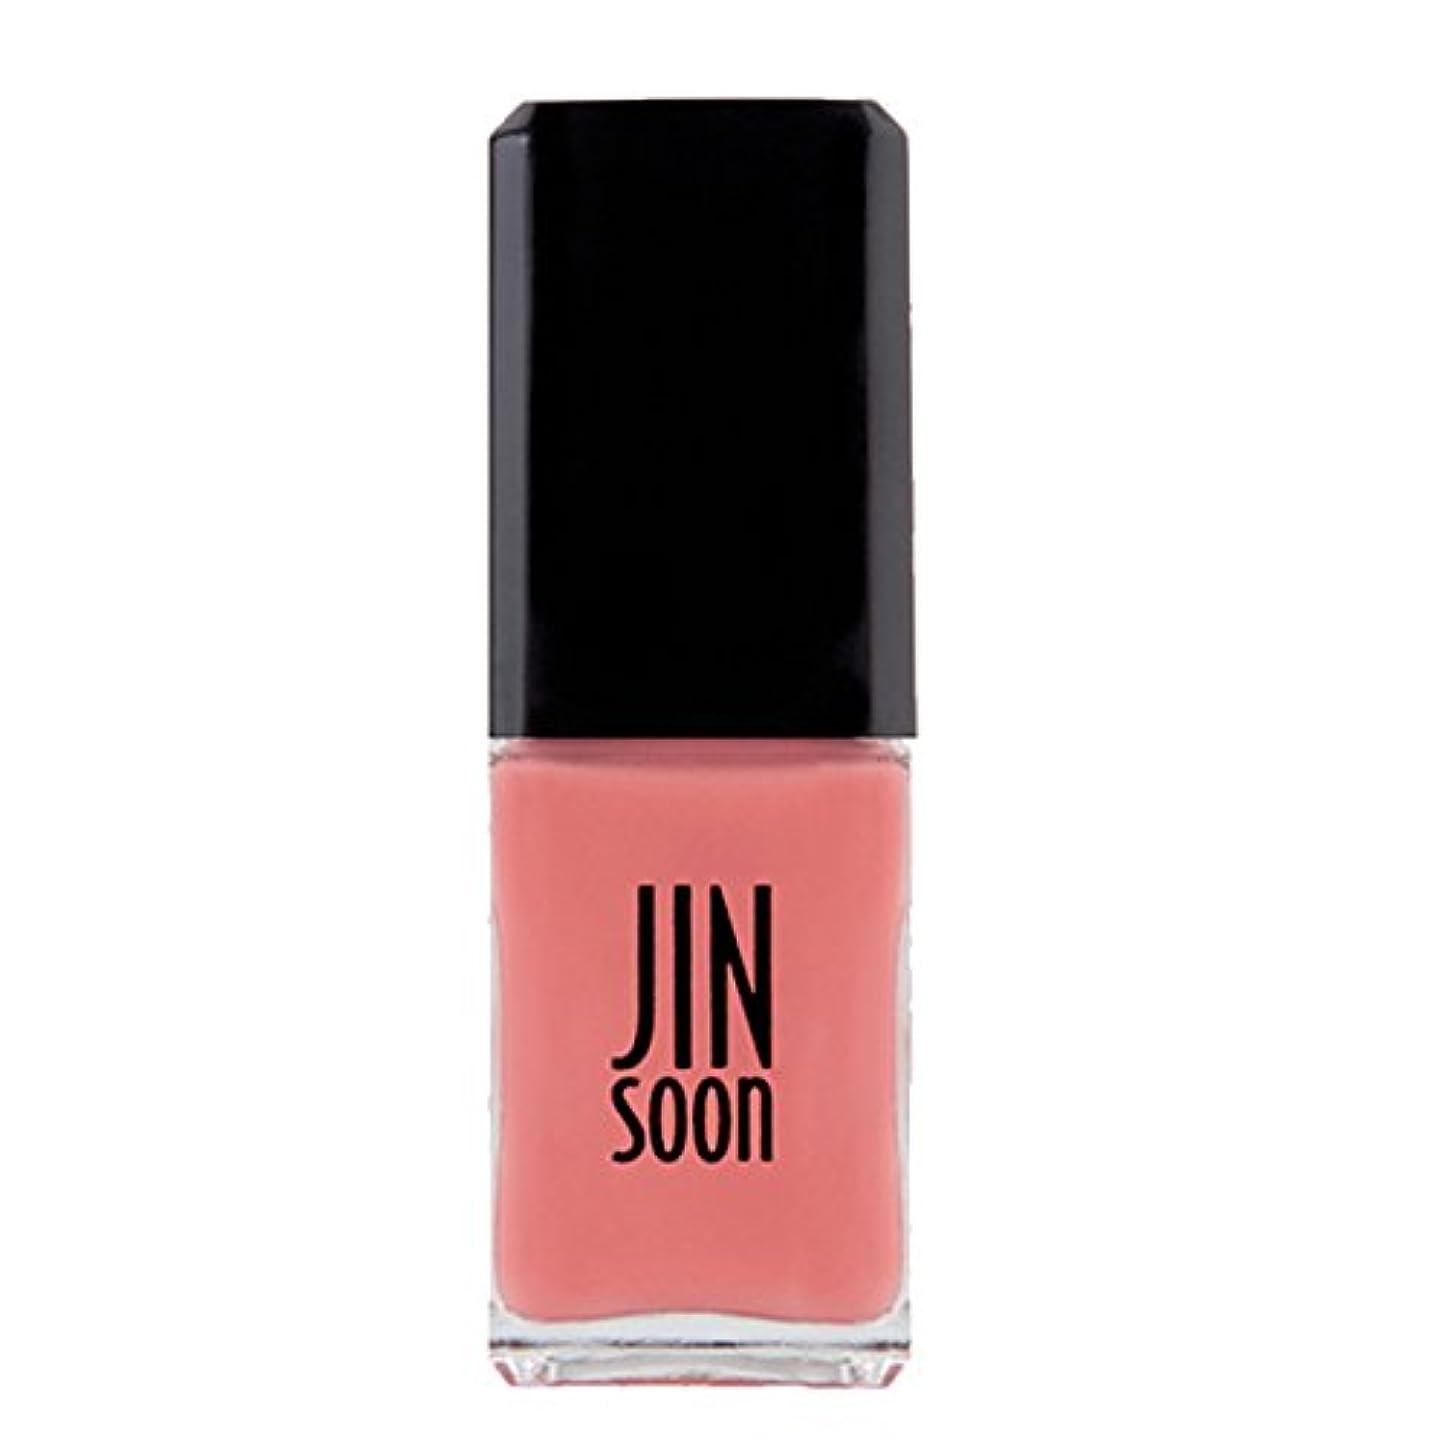 振動させる変換権限[ジンスーン] [ jinsoon] ティーローズ(ライト コーラル)TEA ROSE ジンスーン 5フリー ネイルポリッシュ ピンク 11mL